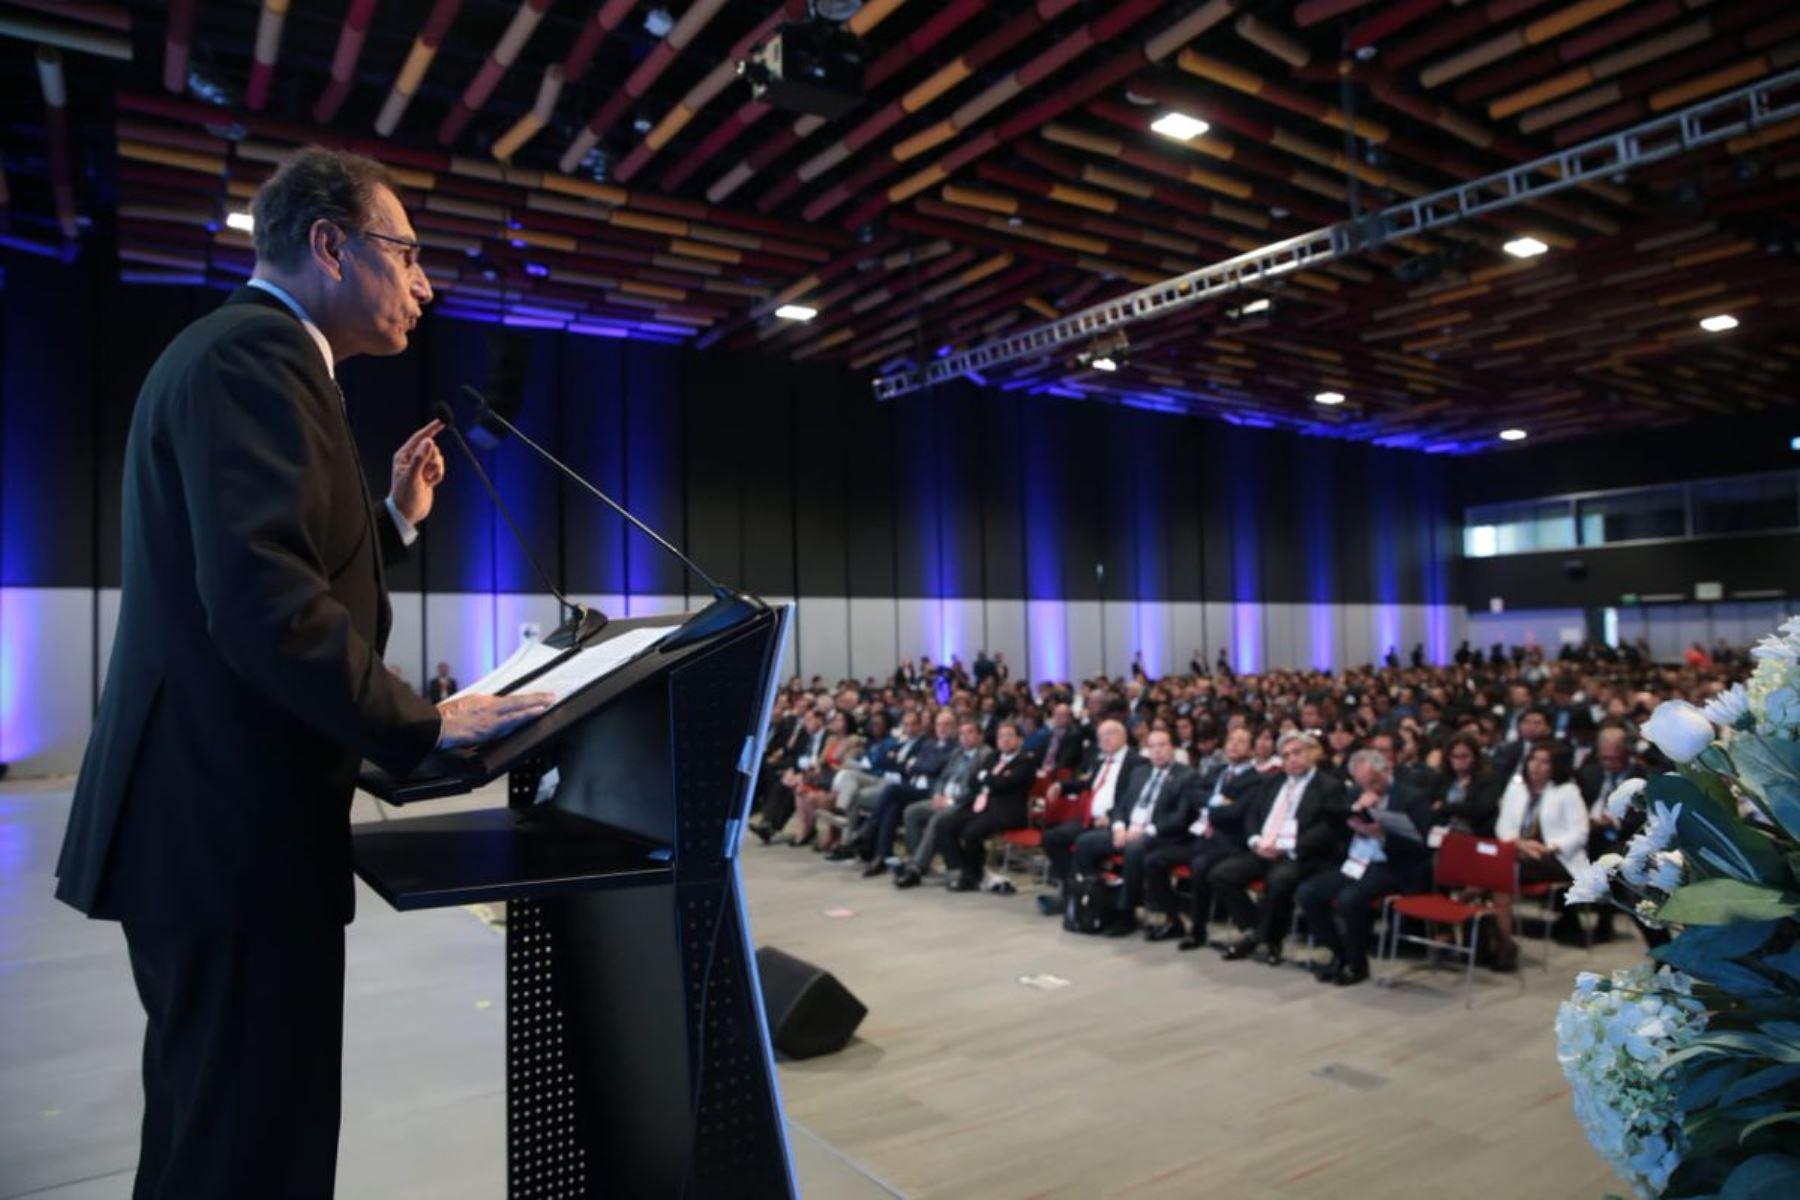 El presidente de la República, Martin Vizcarra, asiste a la inauguración de la Conferencia Anual Internacional por la Integridad CAII 2018, que organiza la Contraloría General de la República.Foto: ANDINA/Prensa Presidencia